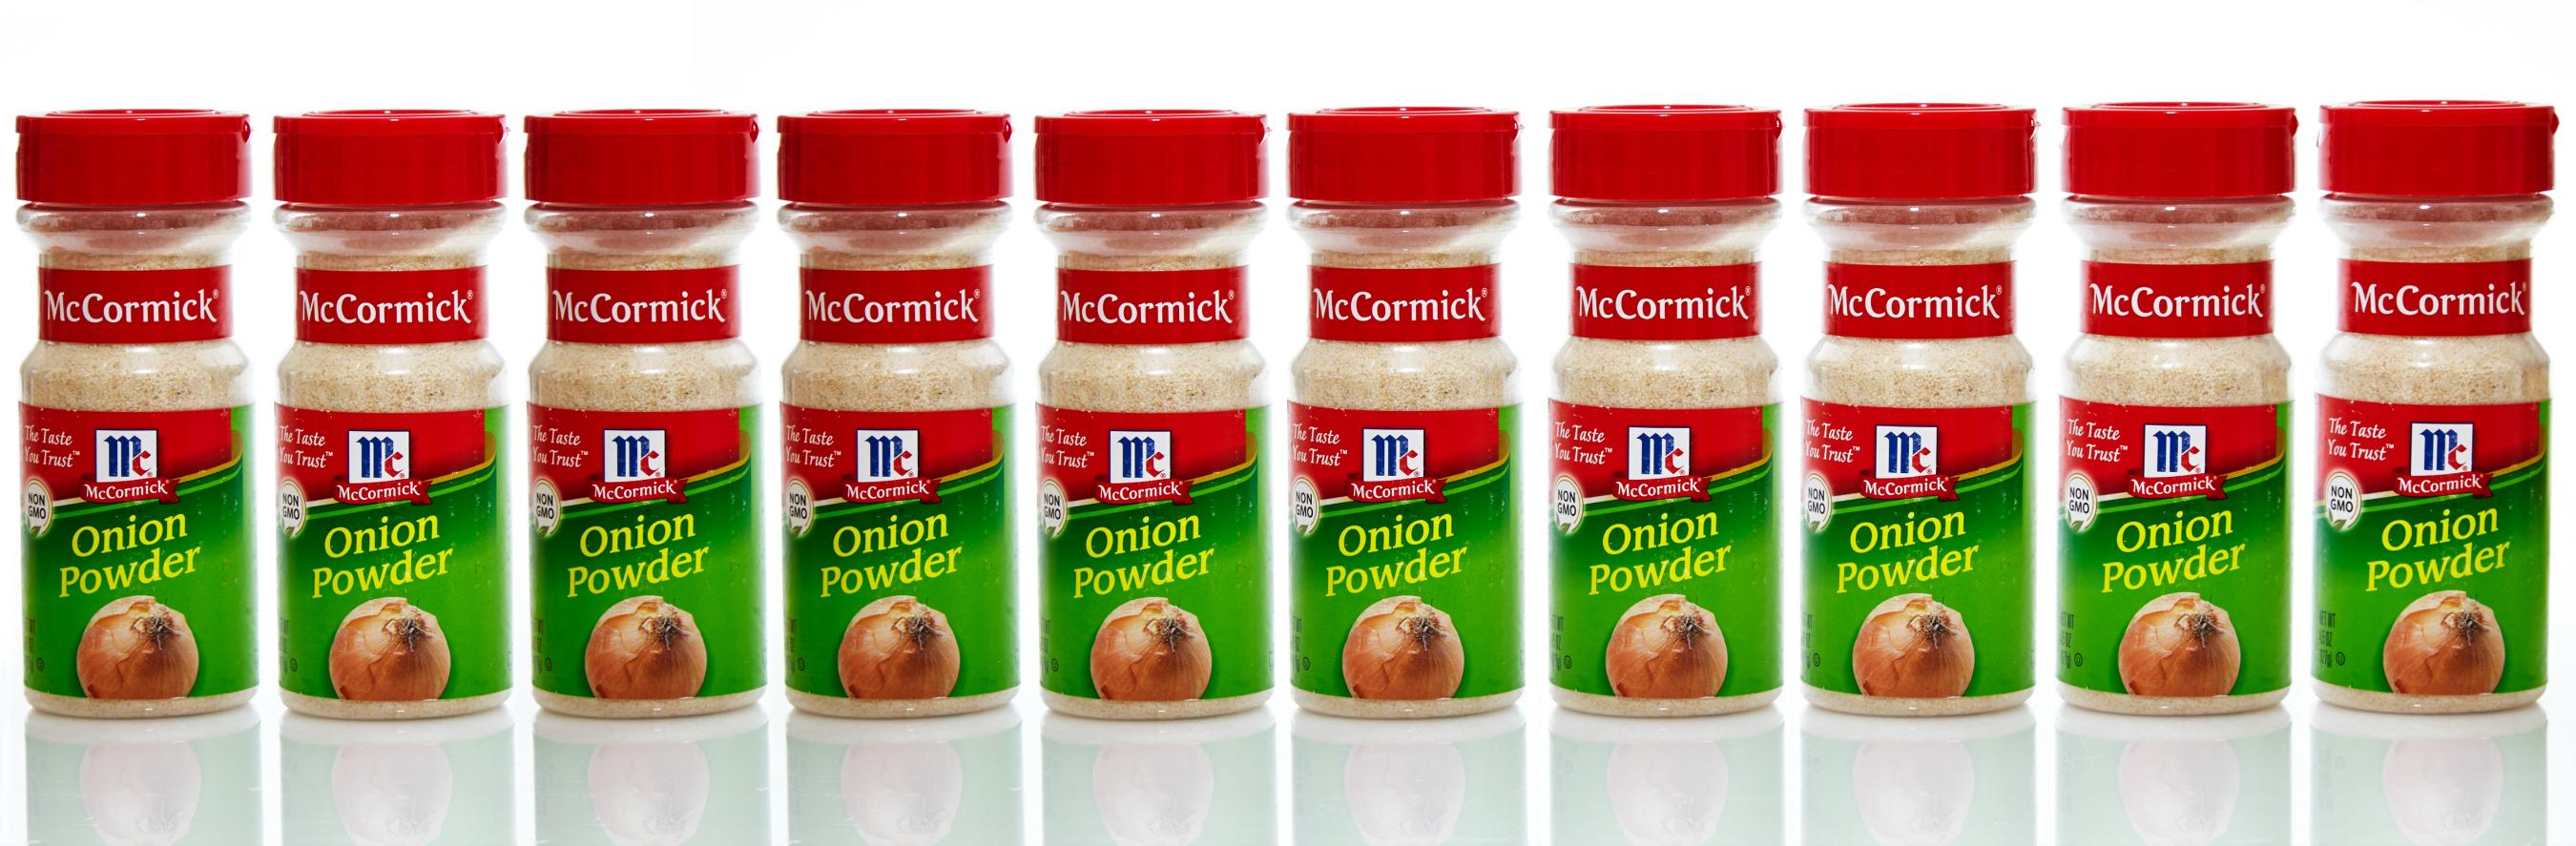 Onion_Powder_001update